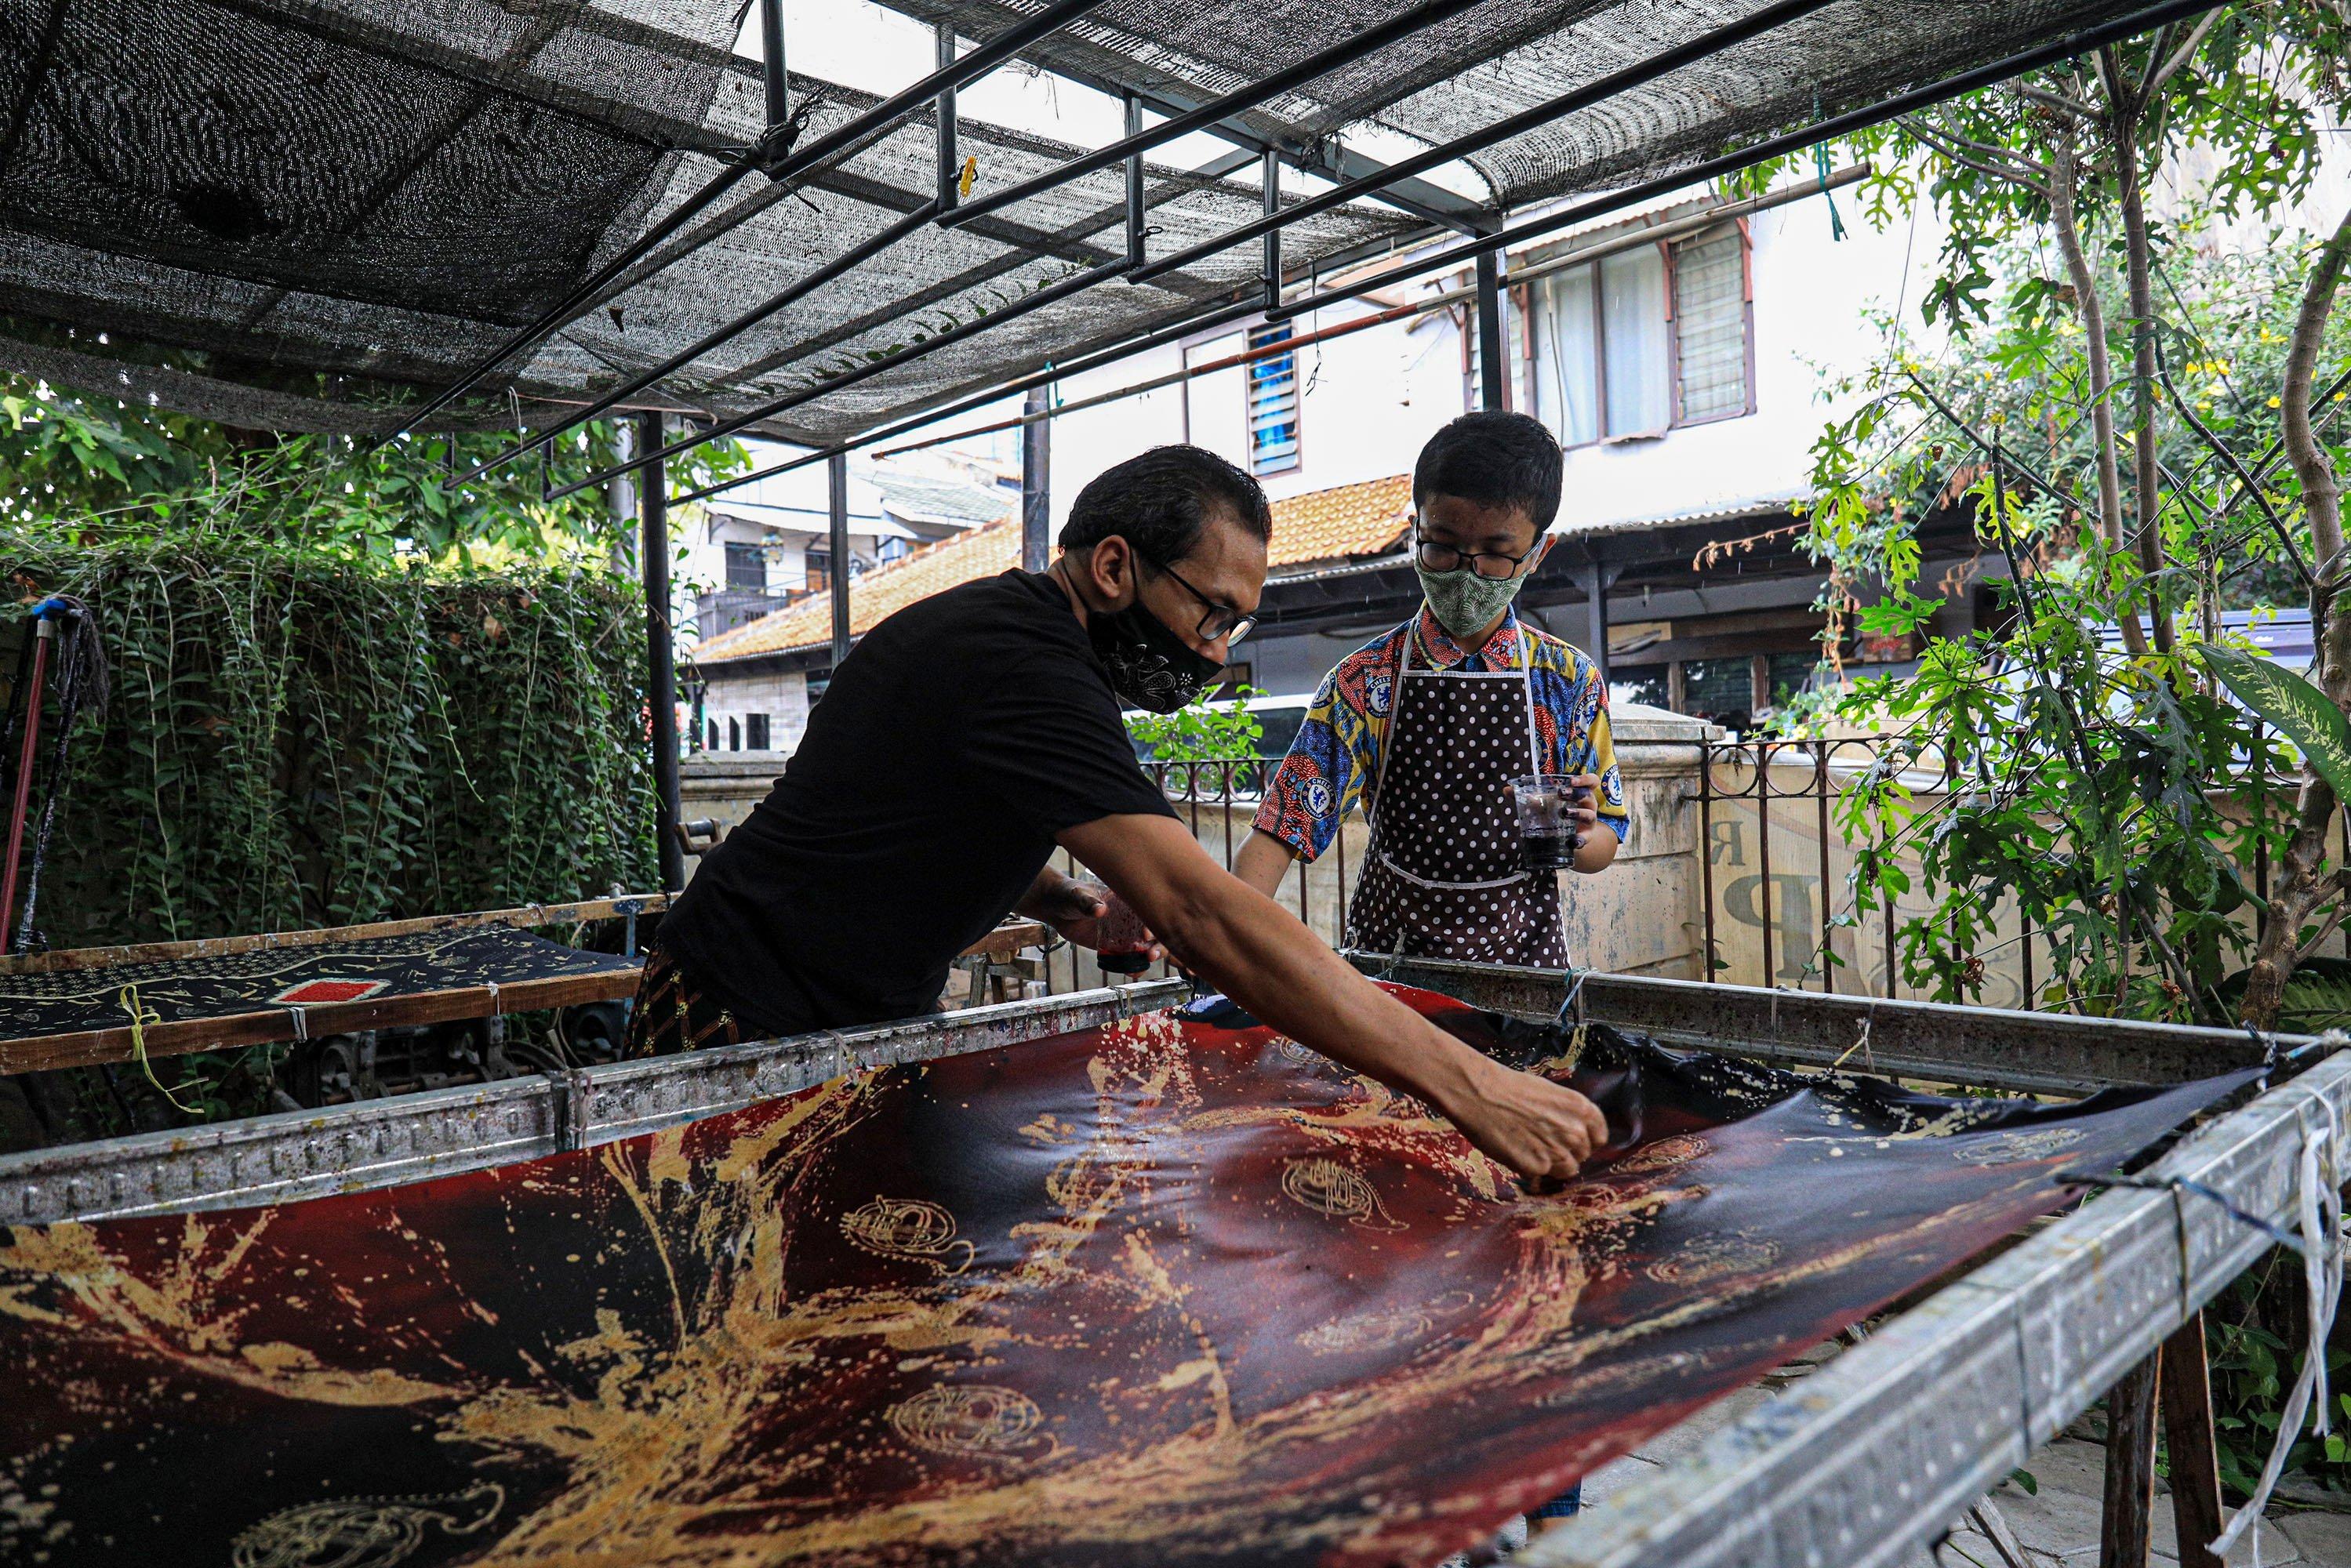 batik, motif batik corona, kampoeng batik laweyan, wisata batik, pandemi corona, batik toeli laweyan